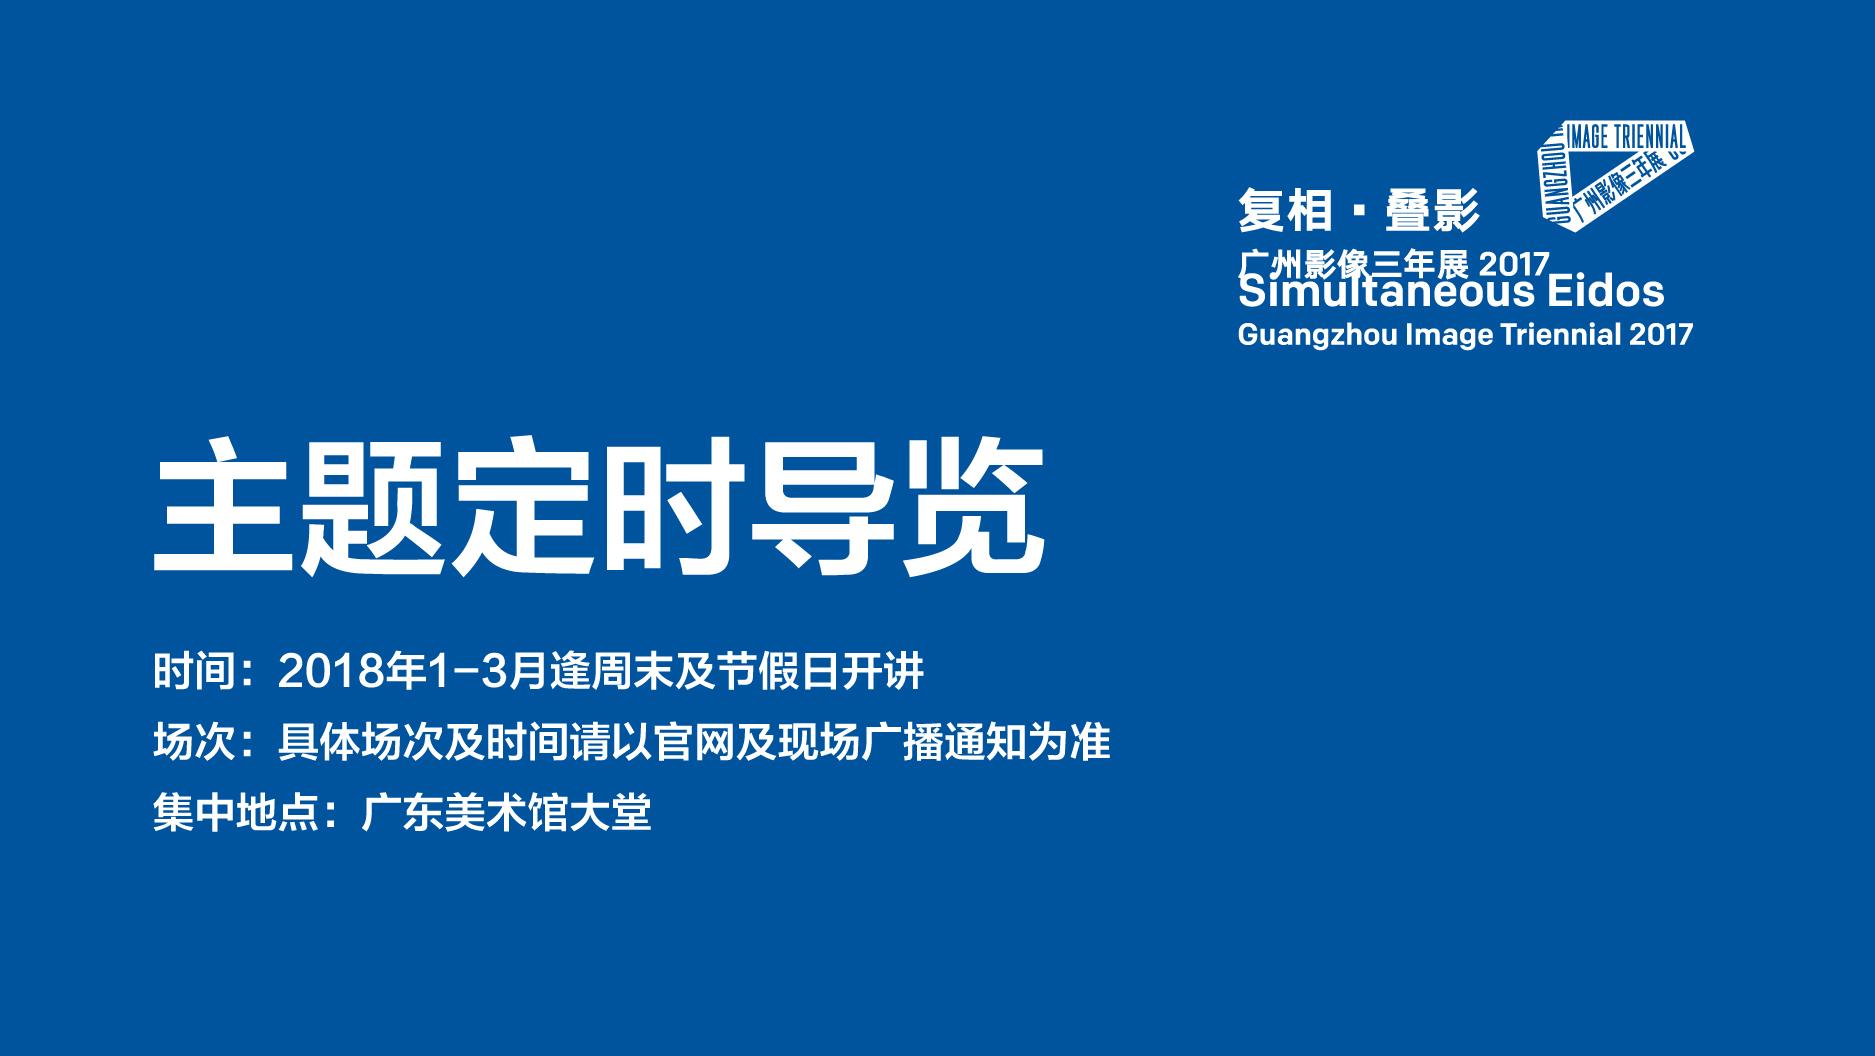 【定时导览】复相·叠影——广州影像三年展2017